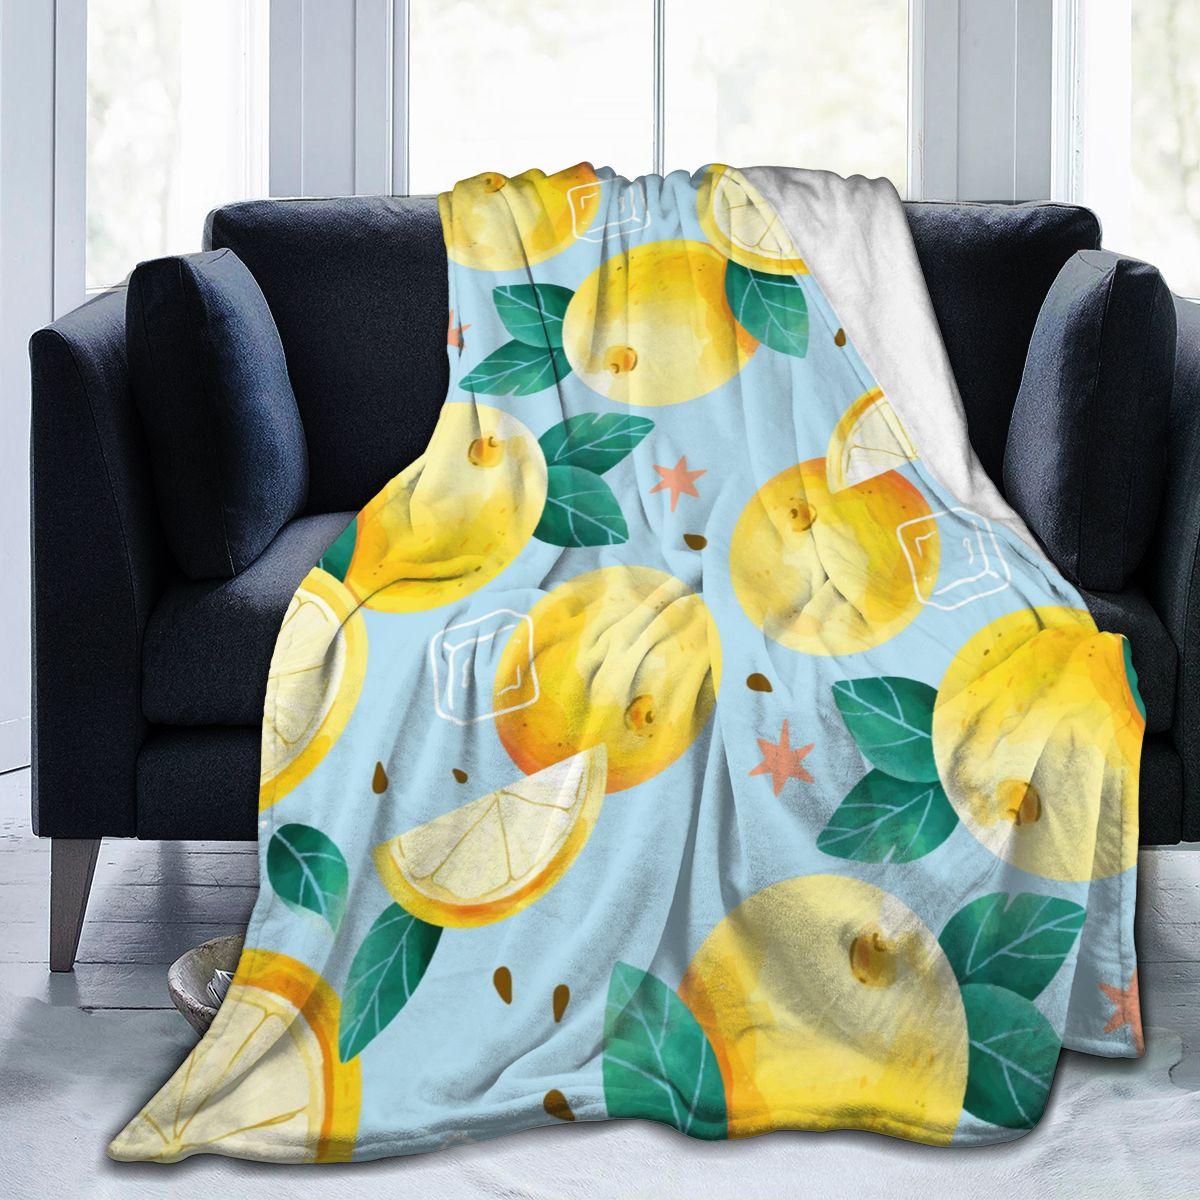 الفانيلا بطانية المائية الصيف الليمون لينة رقيقة الصوف بطانية المفرش غطاء ل أريكة تتحول لسرير ديكور المنزل دروبشيب